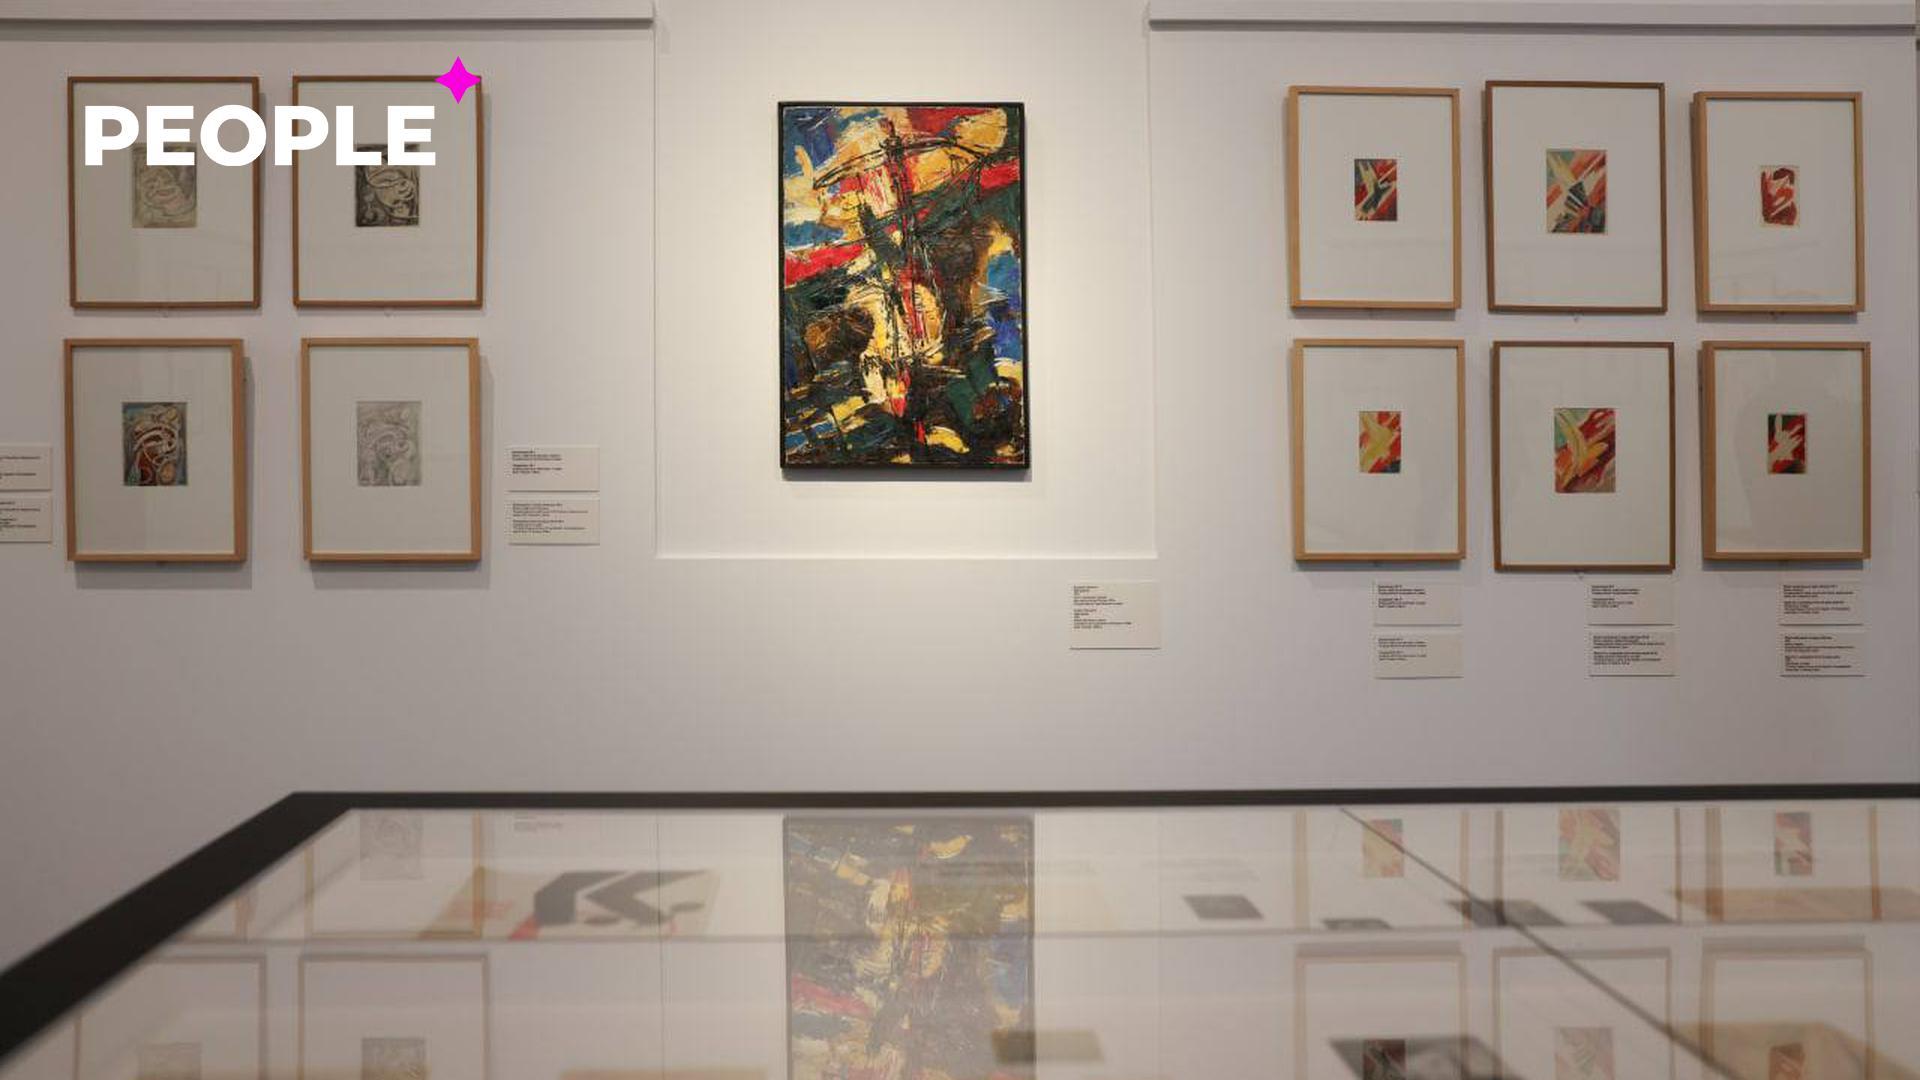 В Третьяковке были выставлены 118 работ художника Ивана Кудряшова из Музея искусств имени И. В. Савицкого в Каракалпакстане